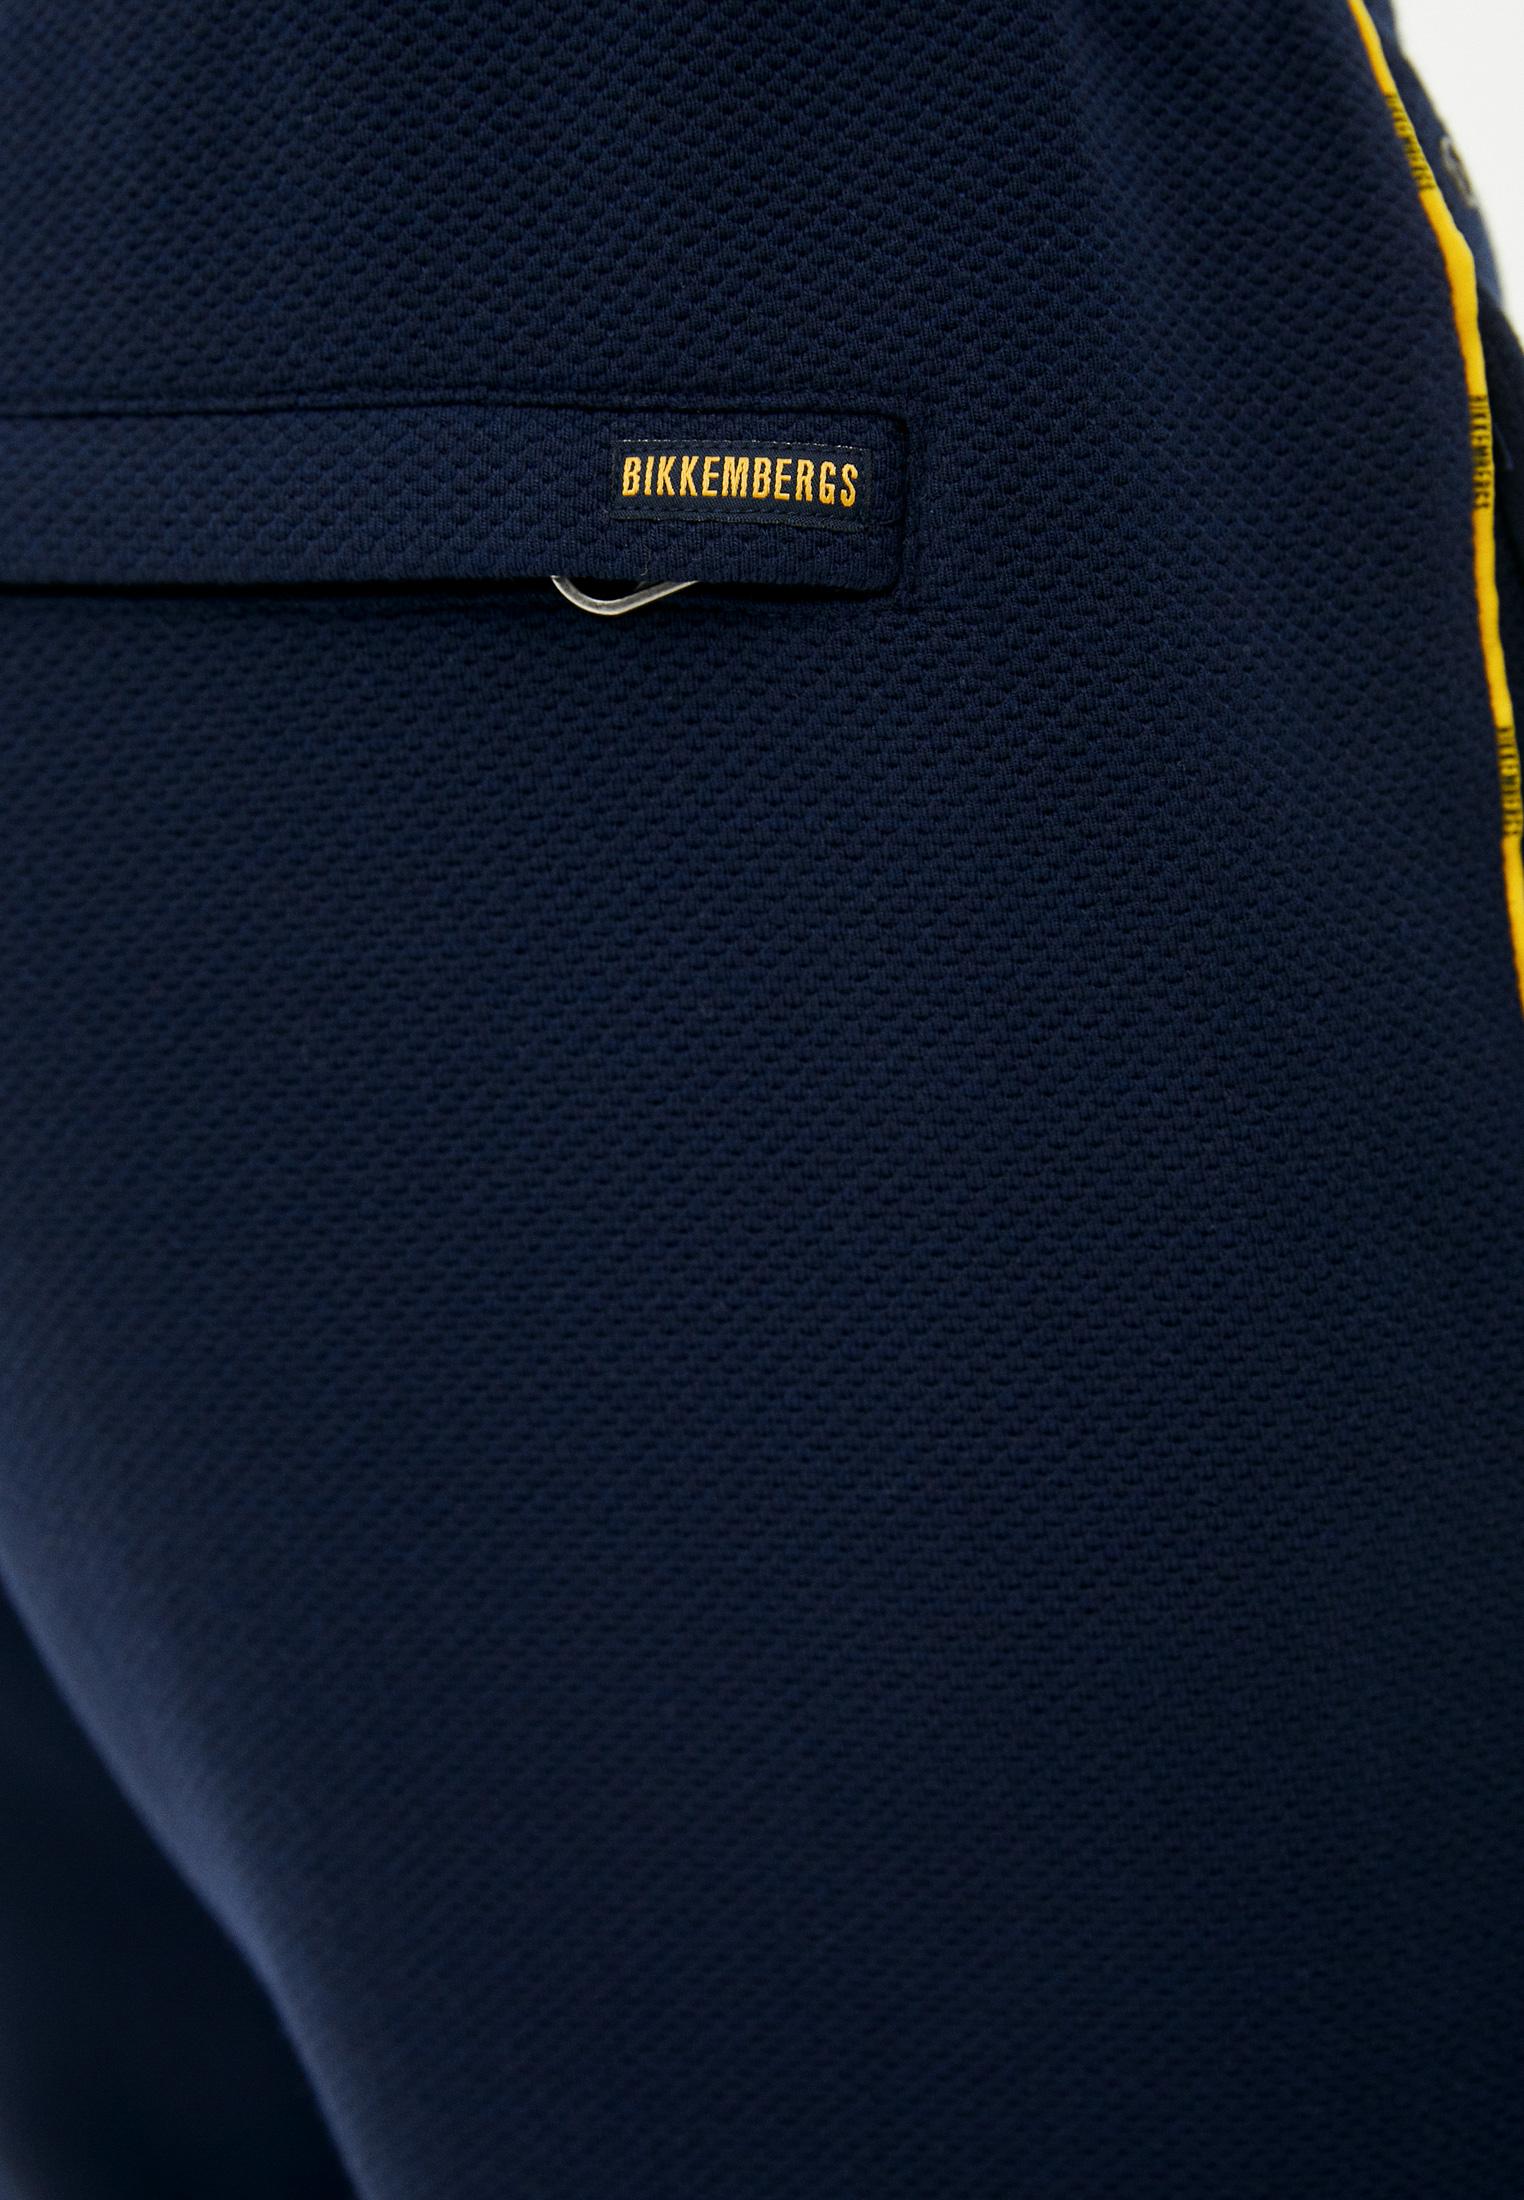 Мужские спортивные брюки Bikkembergs (Биккембергс) C 1 193 80 M 4299: изображение 5